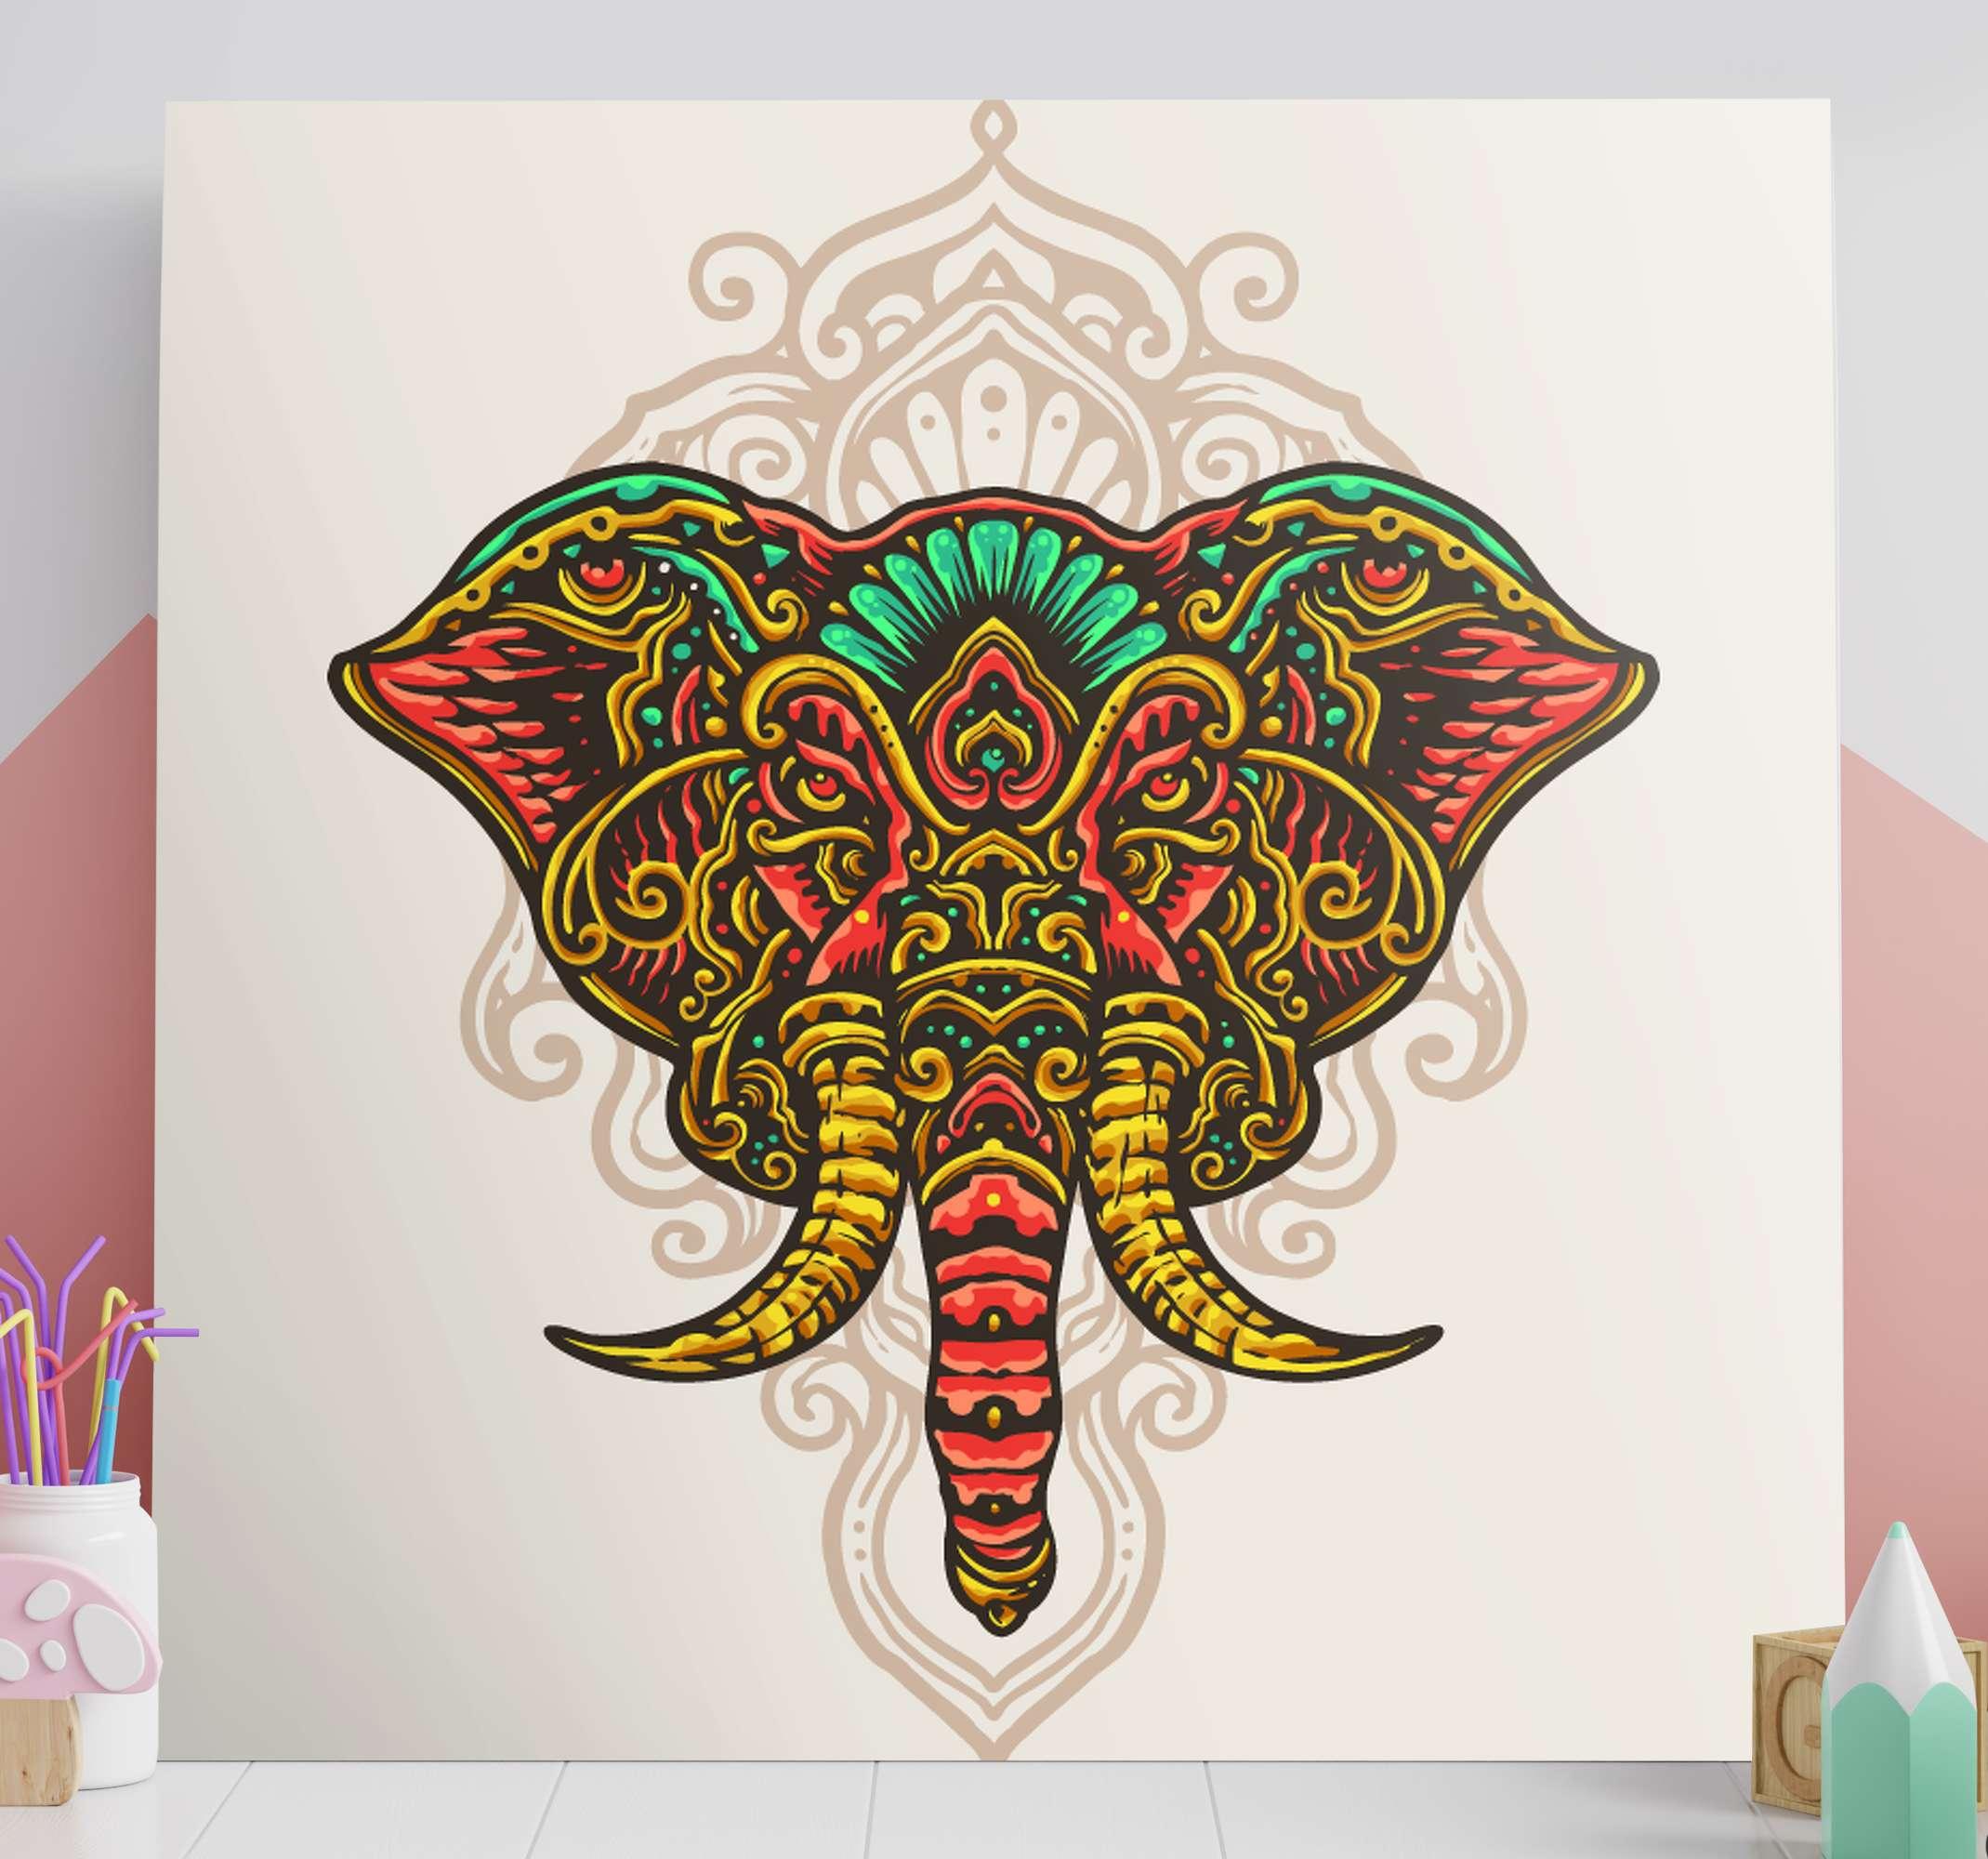 TenStickers. Flerfarvet indisk mandala elefant lærredskunst. Et elefant-lærredstryk med mandala til elskere af traditionelt og stammeinspireret design. Perfekt til at dekorere ethvert rum, og det er originalt.